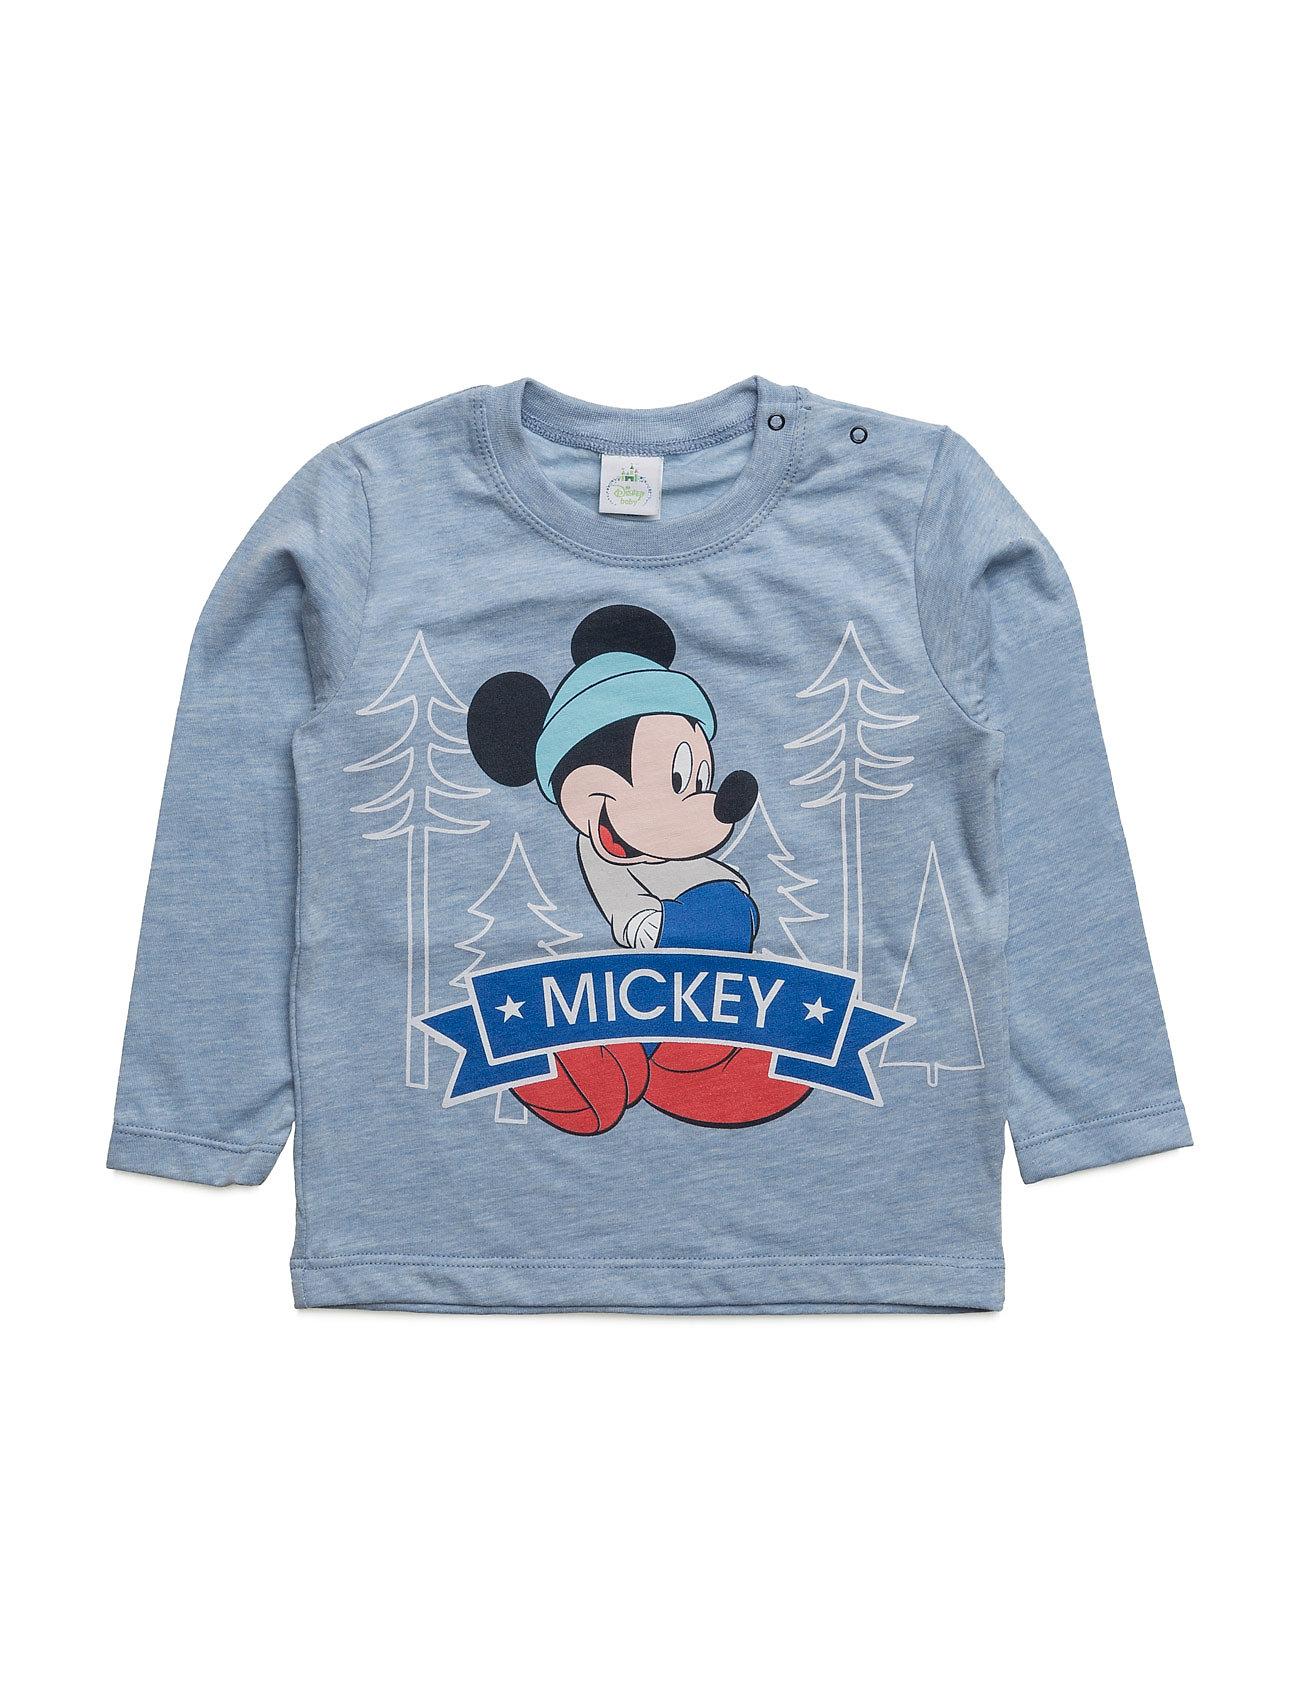 Long Sleeved Shirt Disney Langærmede t-shirts til Børn i Lyseblå